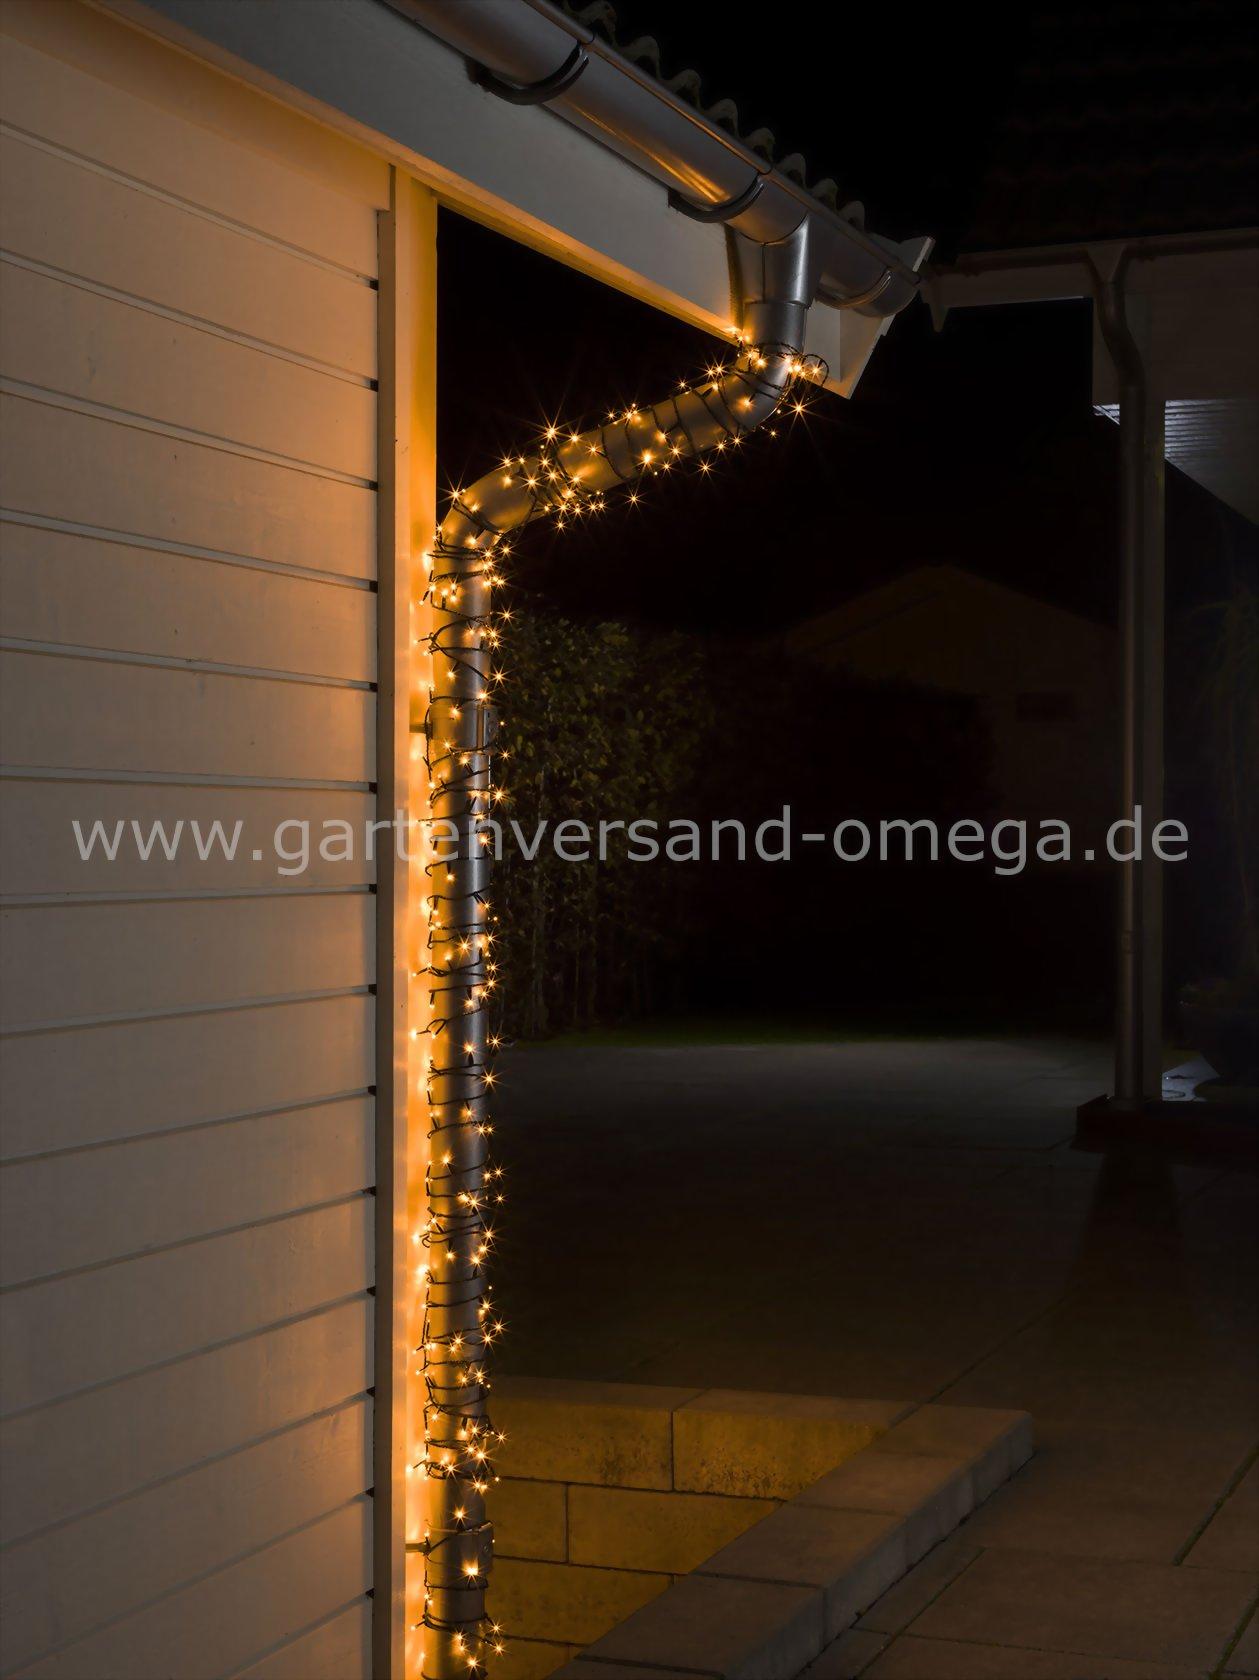 Bernsteinfarbene micro led lichterkette f r au en lichterkette mit warmer lichtfarbe - Lichterkette am fenster aufhangen ...